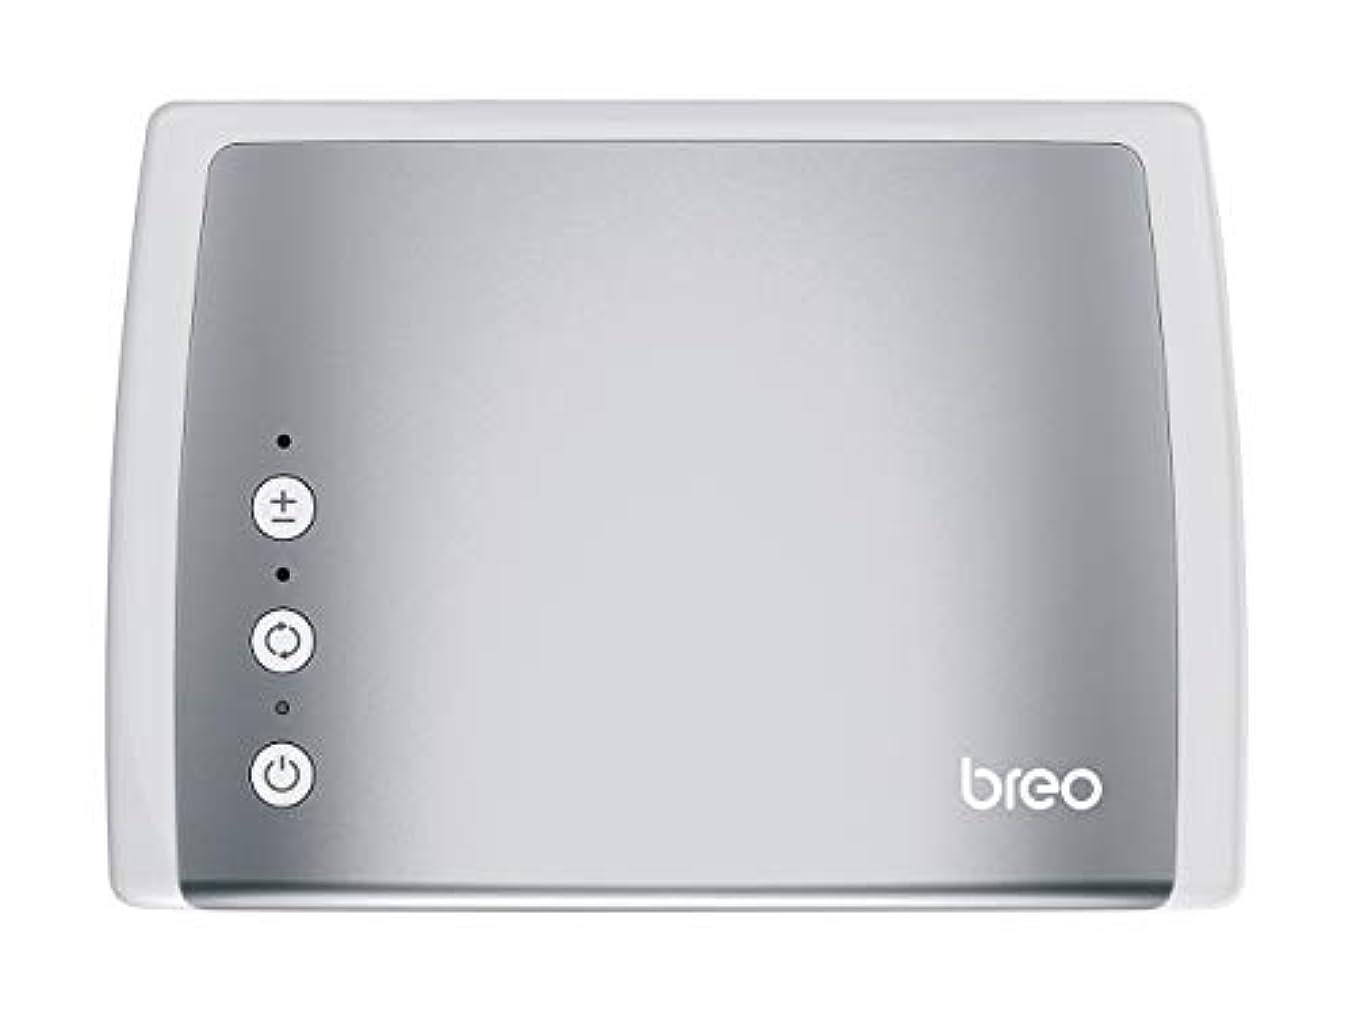 ページ作る未来breo(ブレオ) iPalm2(アイパルム2) ハンドケア 乾電池式 コードレス 【正規品】